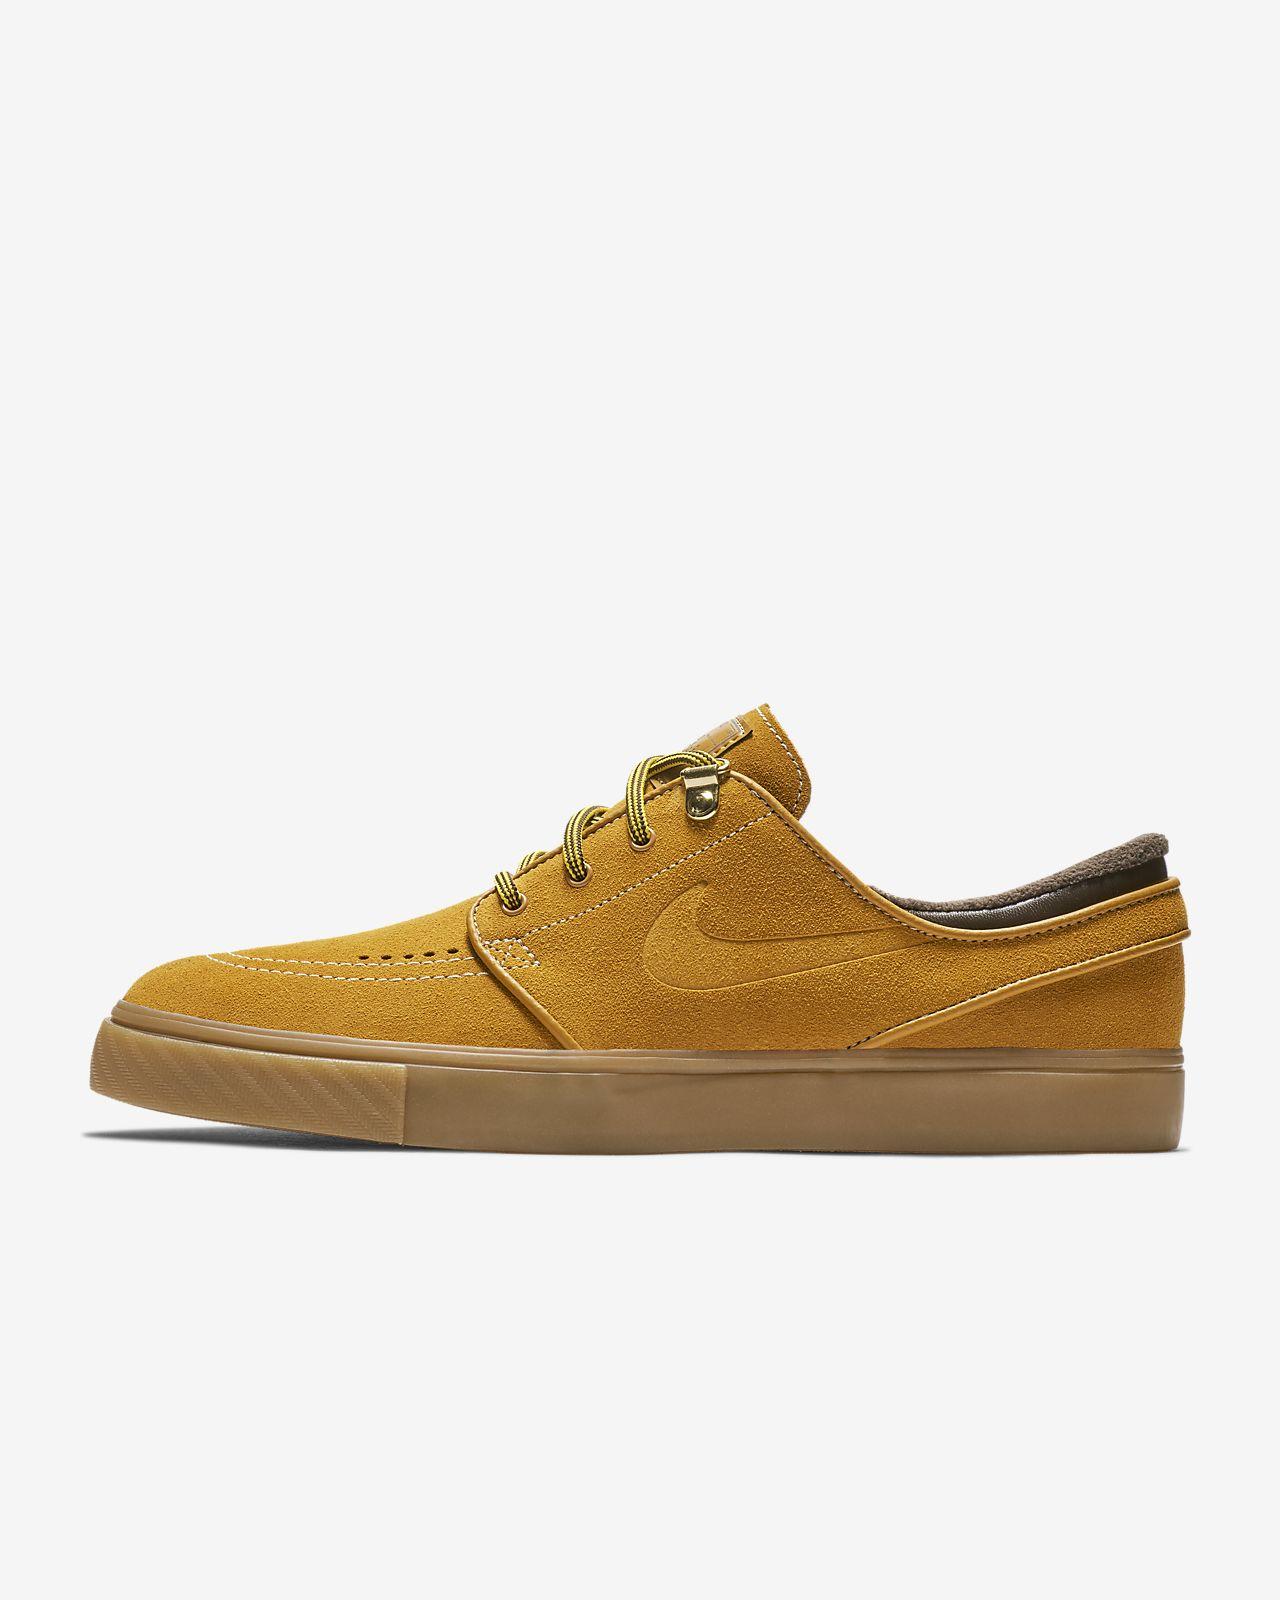 Skateboardsko Nike SB Zoom Janoski Premium